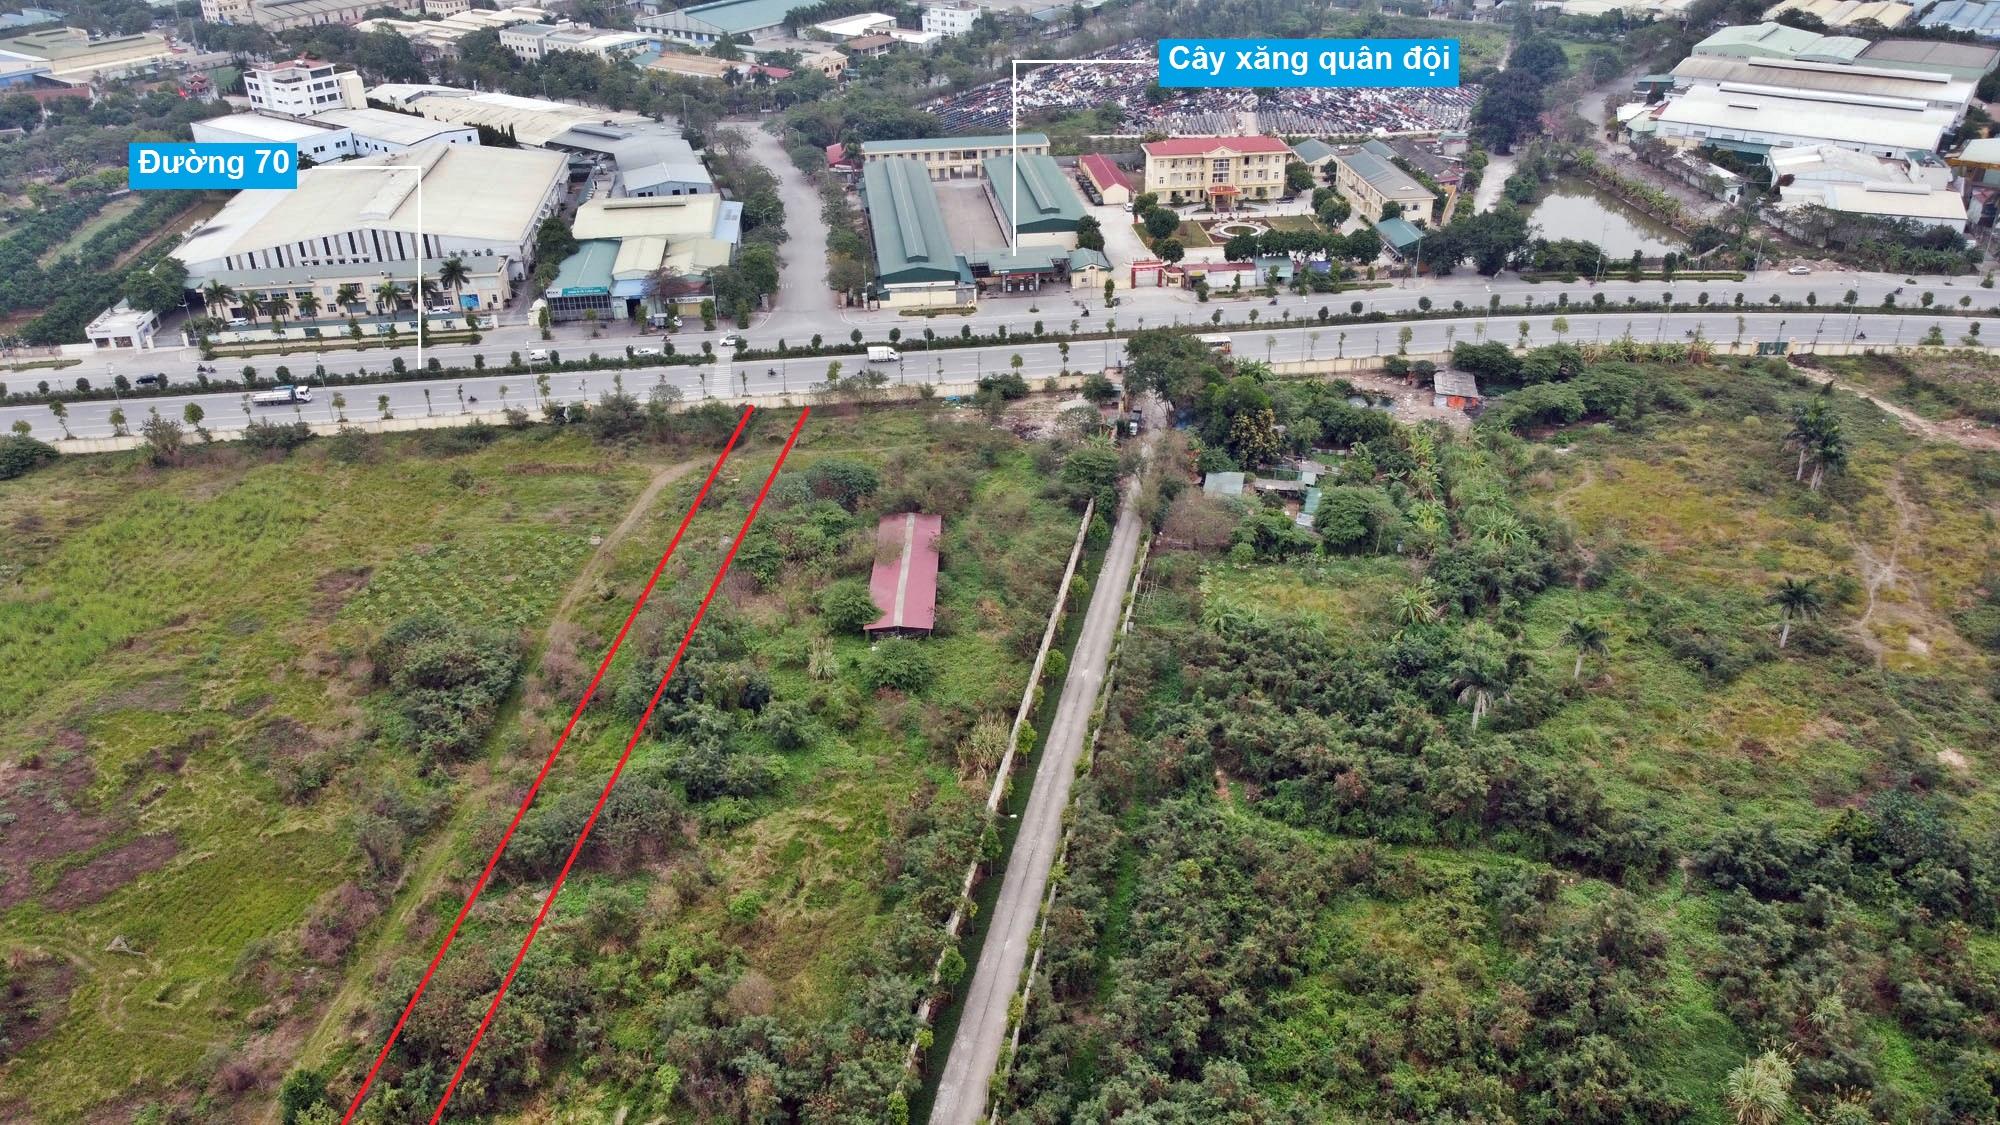 Ba đường sẽ mở theo quy hoạch ở phường Phương Canh, Nam Từ Liêm, Hà Nội (phần 2) - Ảnh 14.